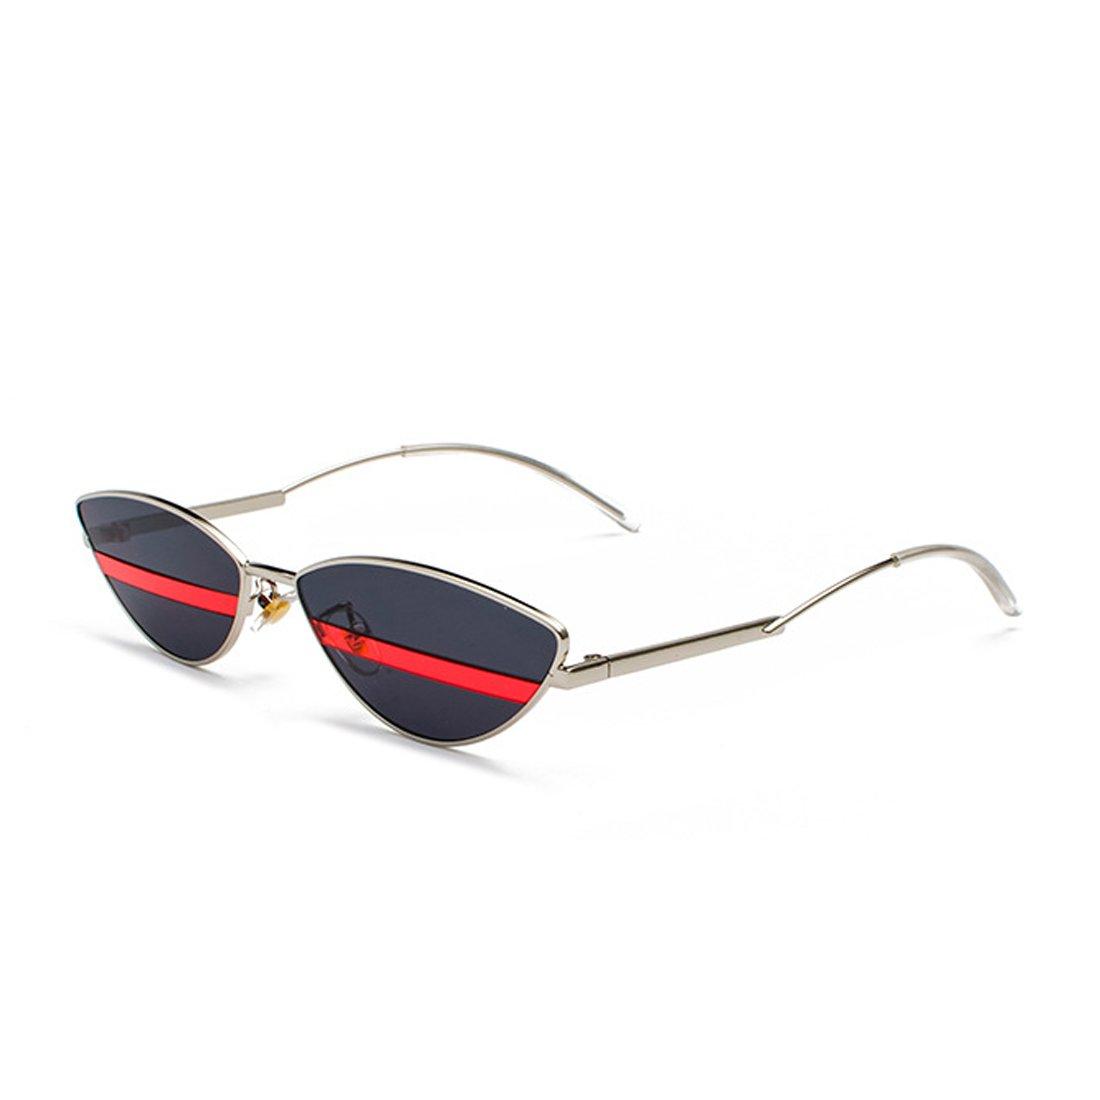 7880a391165f88 Yefree Cat Eye lunettes de soleil hommes femmes des années 90 rétro Vintage  Slim cadre en métal lunettes de soleil  Amazon.fr  Vêtements et accessoires